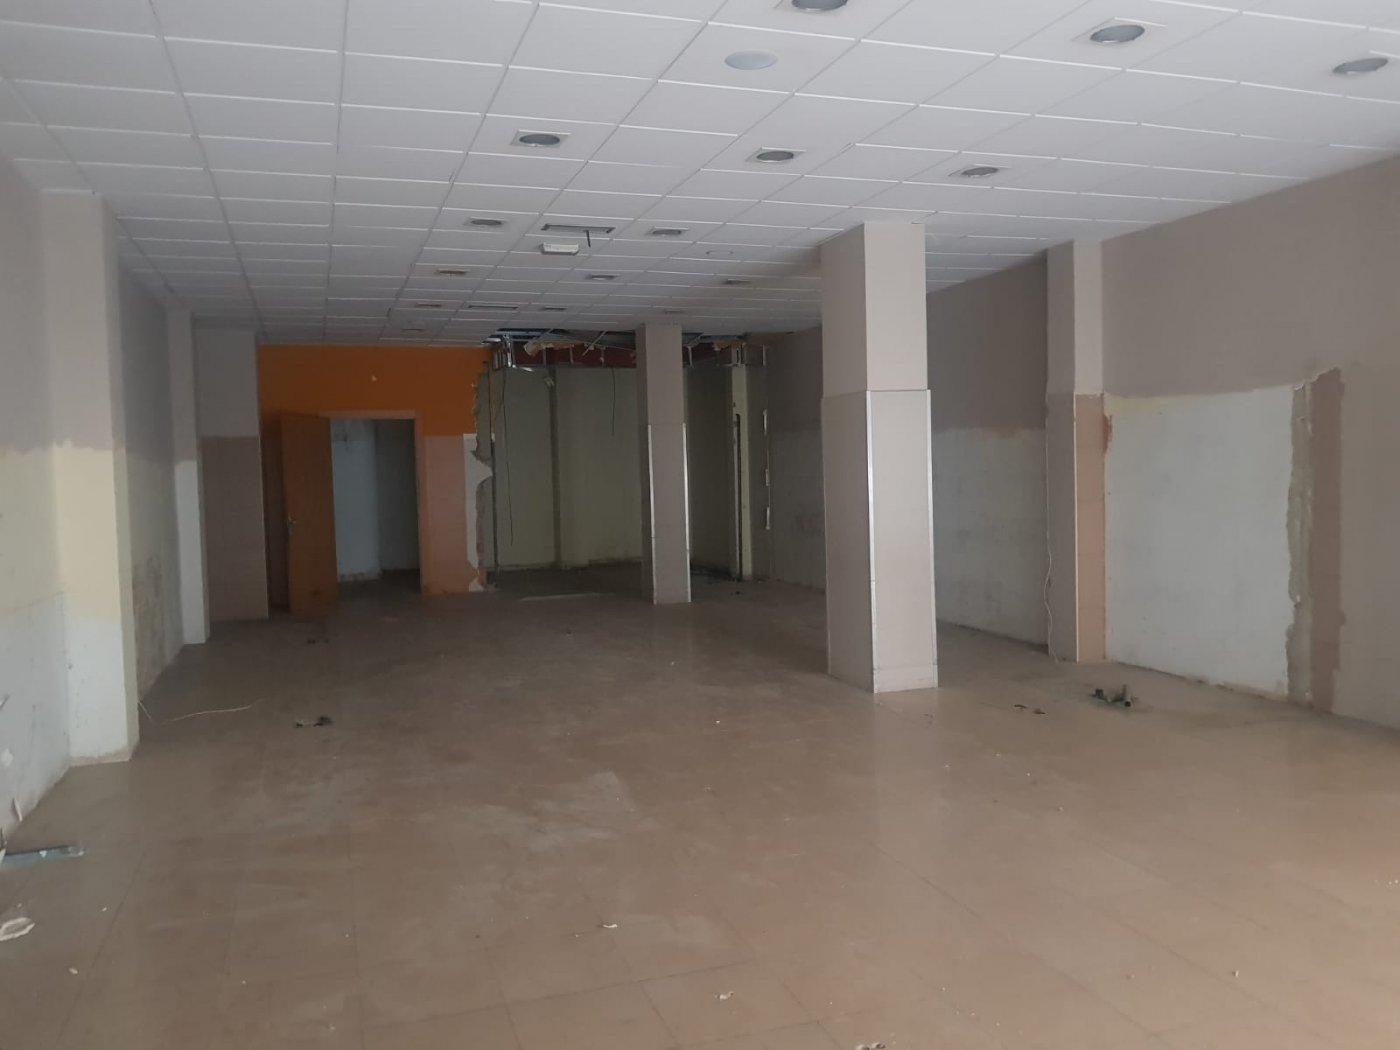 local-comercial en zaragoza · centro 1100€